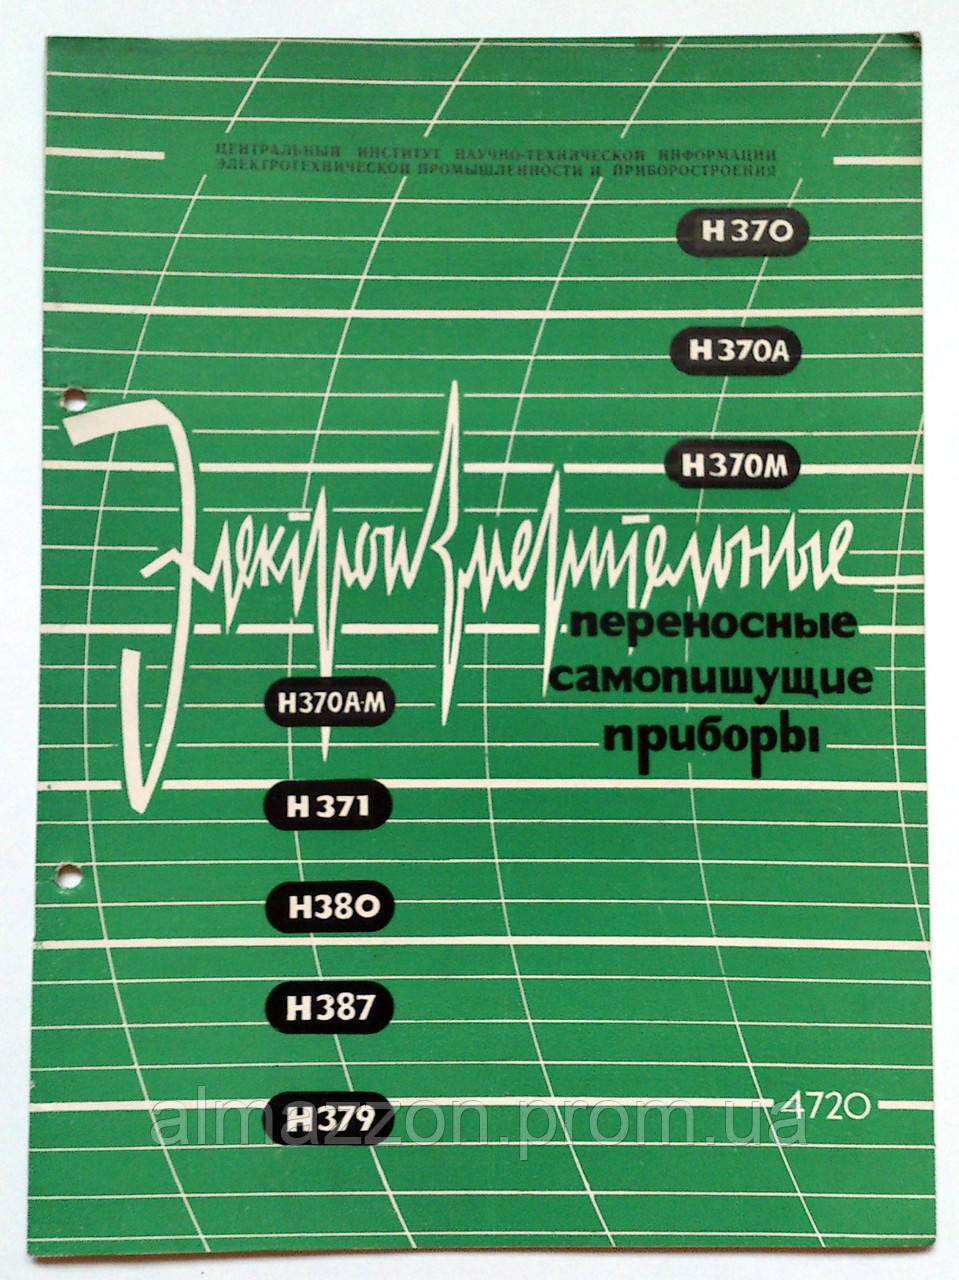 """Журнал (Бюллетень) ЦИНТИ """"Электроизмерительные переносные самопишущие приборы Н370 А-М, Н-371, Н380, Н387"""